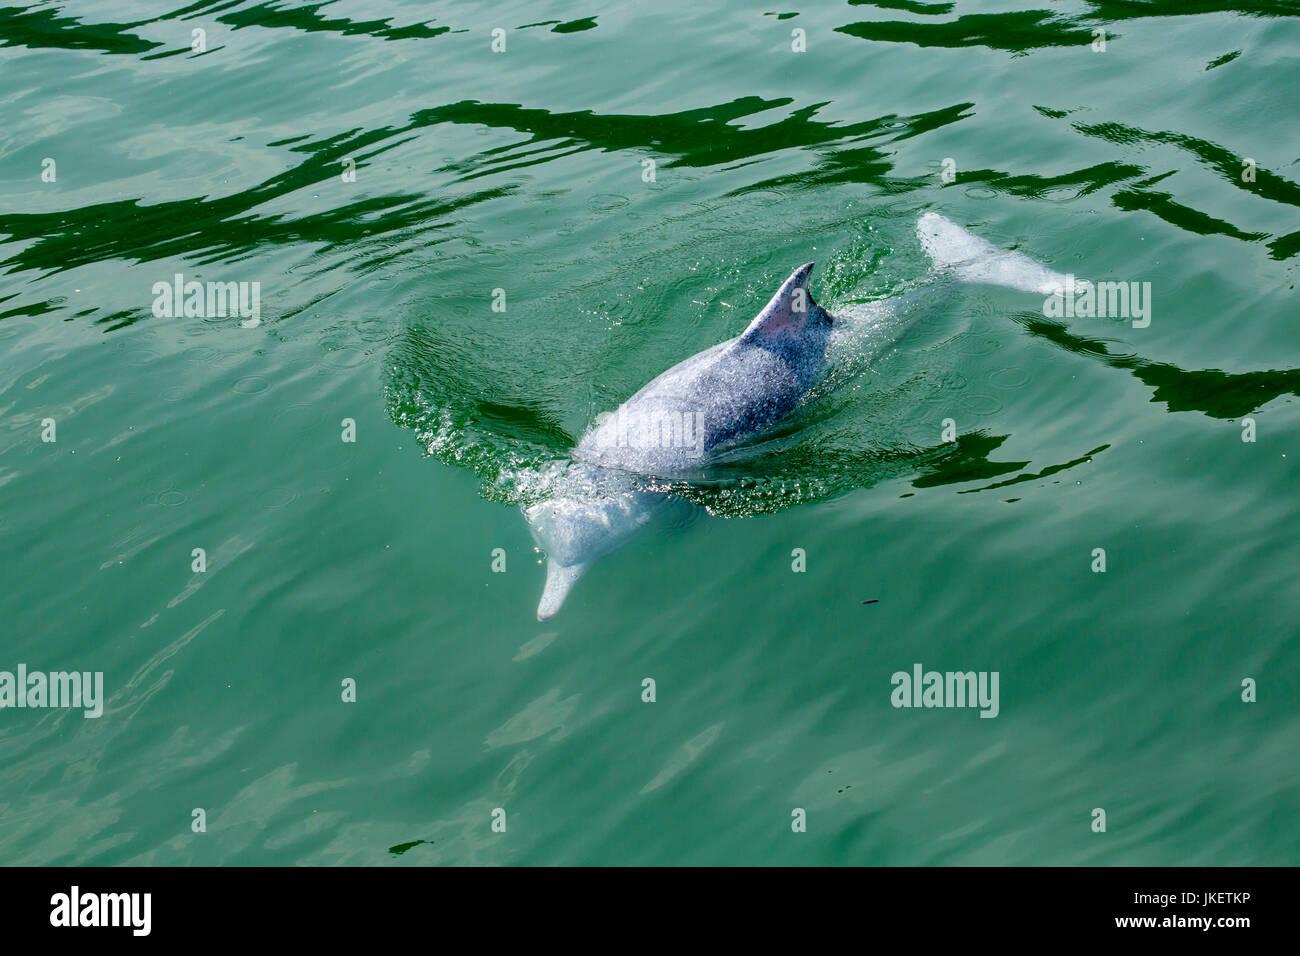 Eine junge indo-pazifischen Buckelwale dolphin (Sousa chinensis) auftauchen, mit schönen Wasser Muster Stockbild